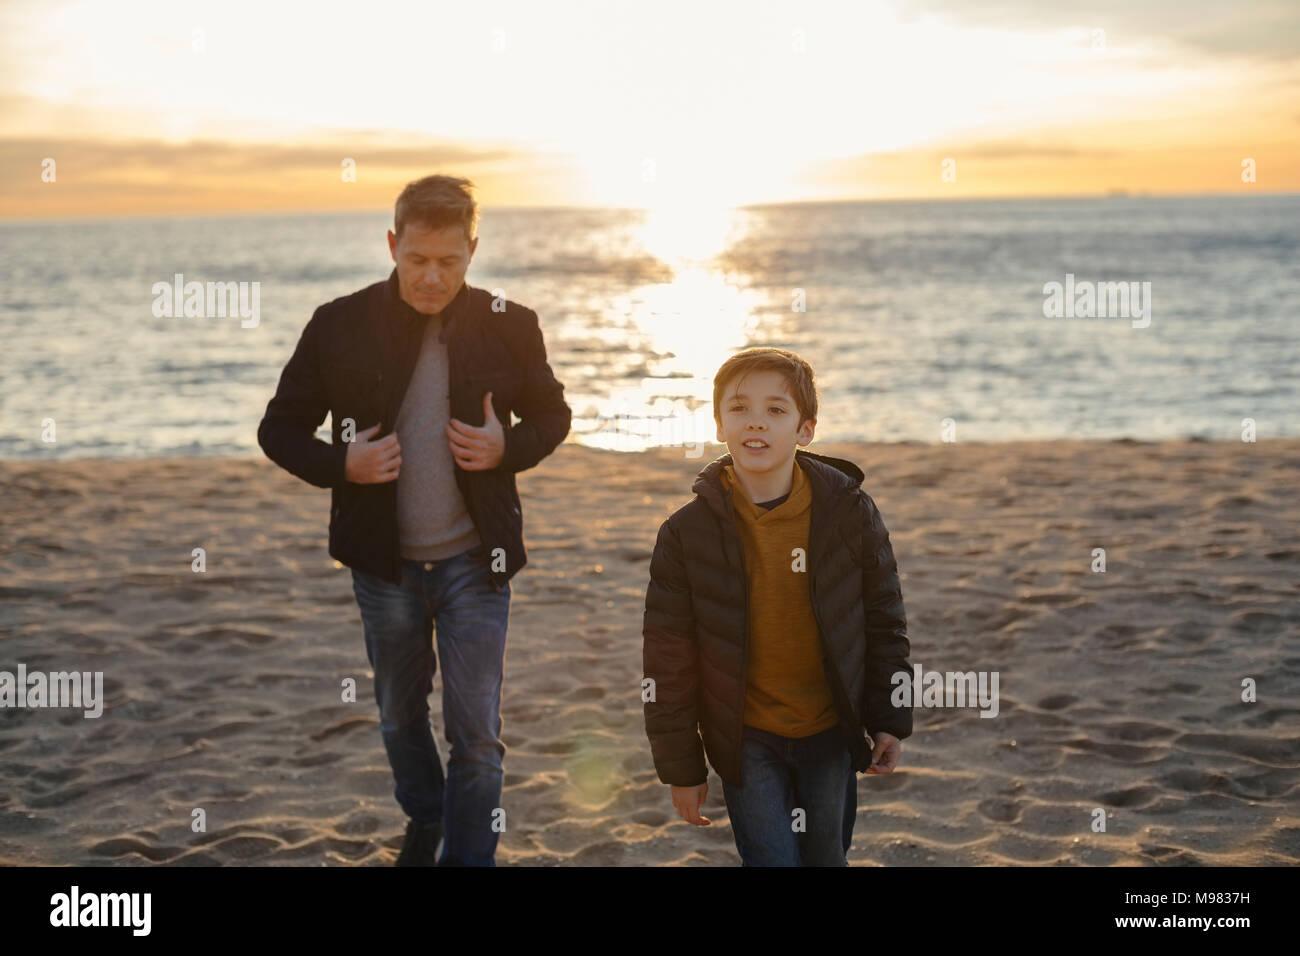 Père et fils marche sur la plage au coucher du soleil Photo Stock